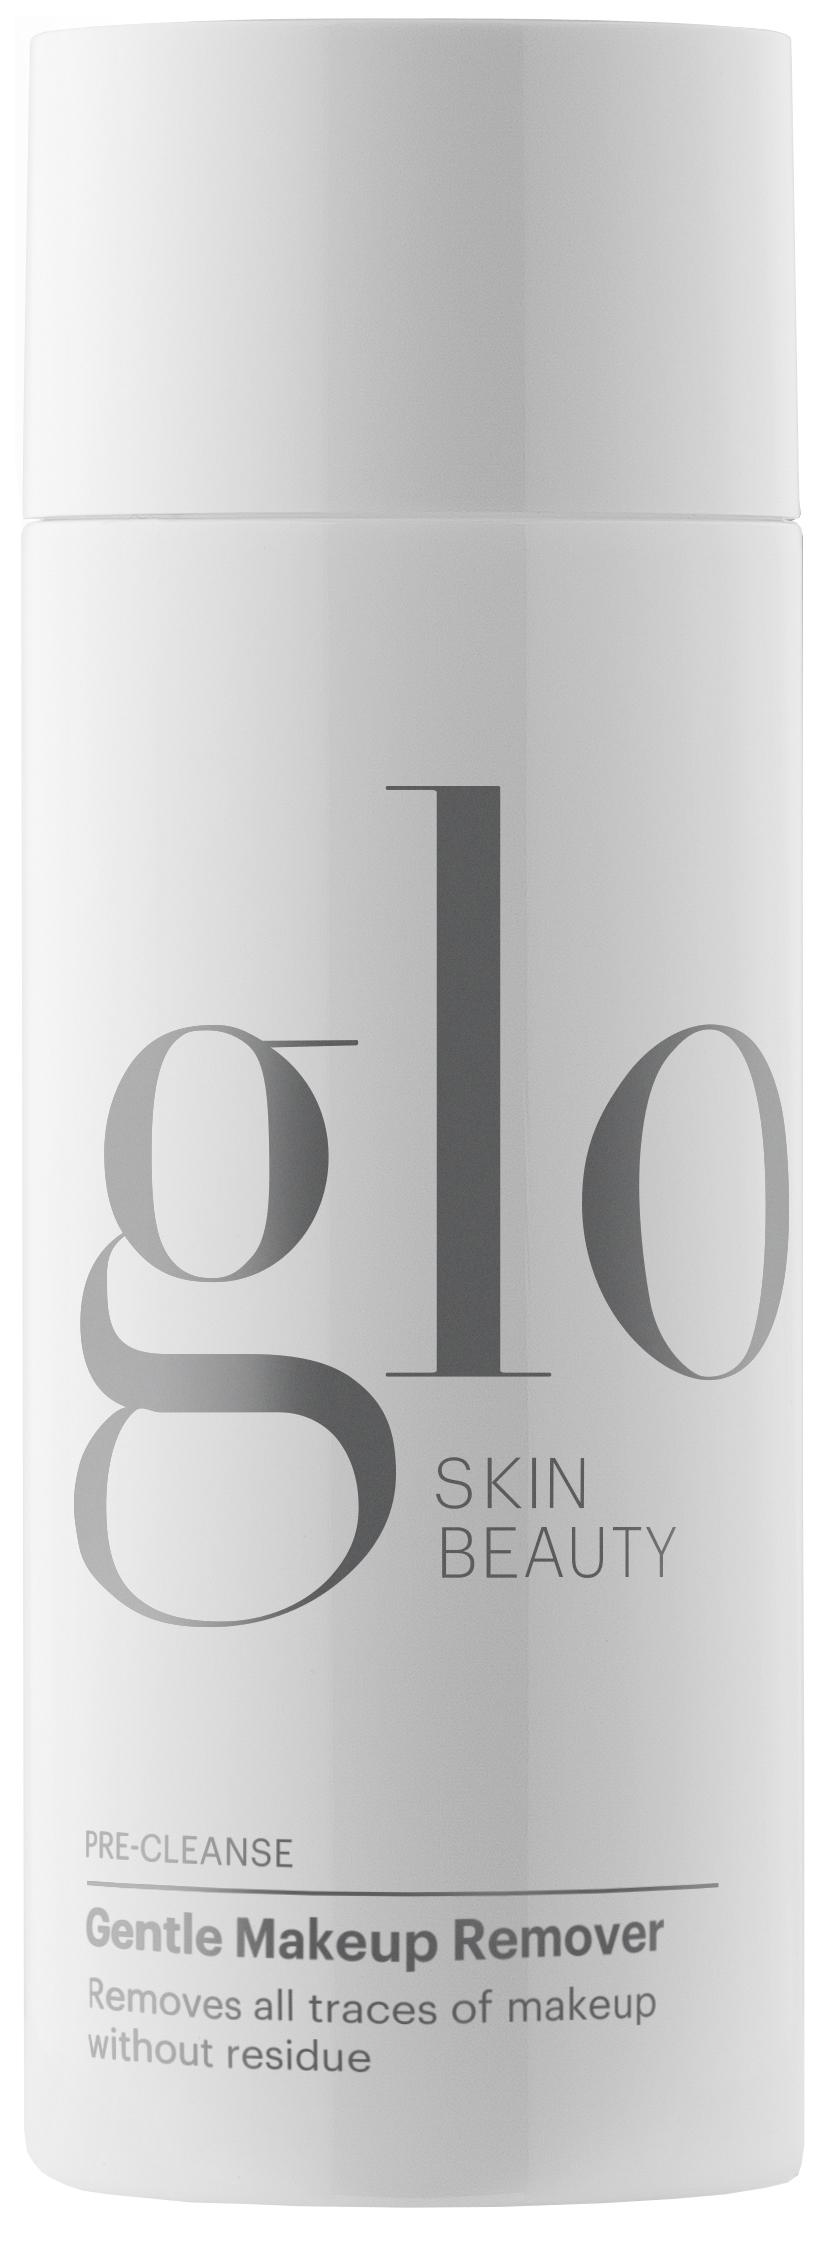 Тоник для лица Glo Skin Beauty Очищающий